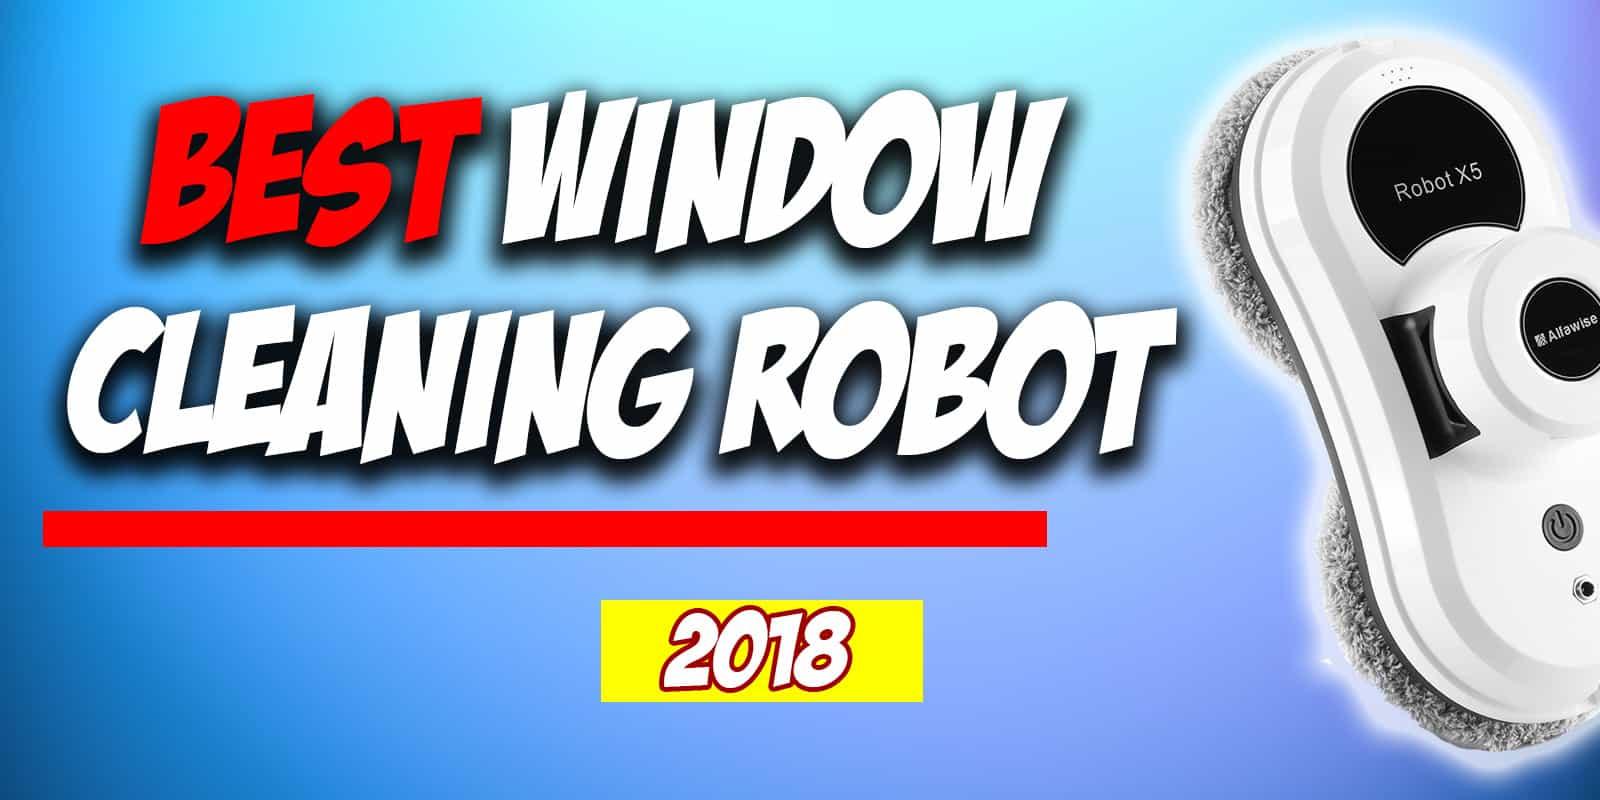 Best Robot Window Cleaner